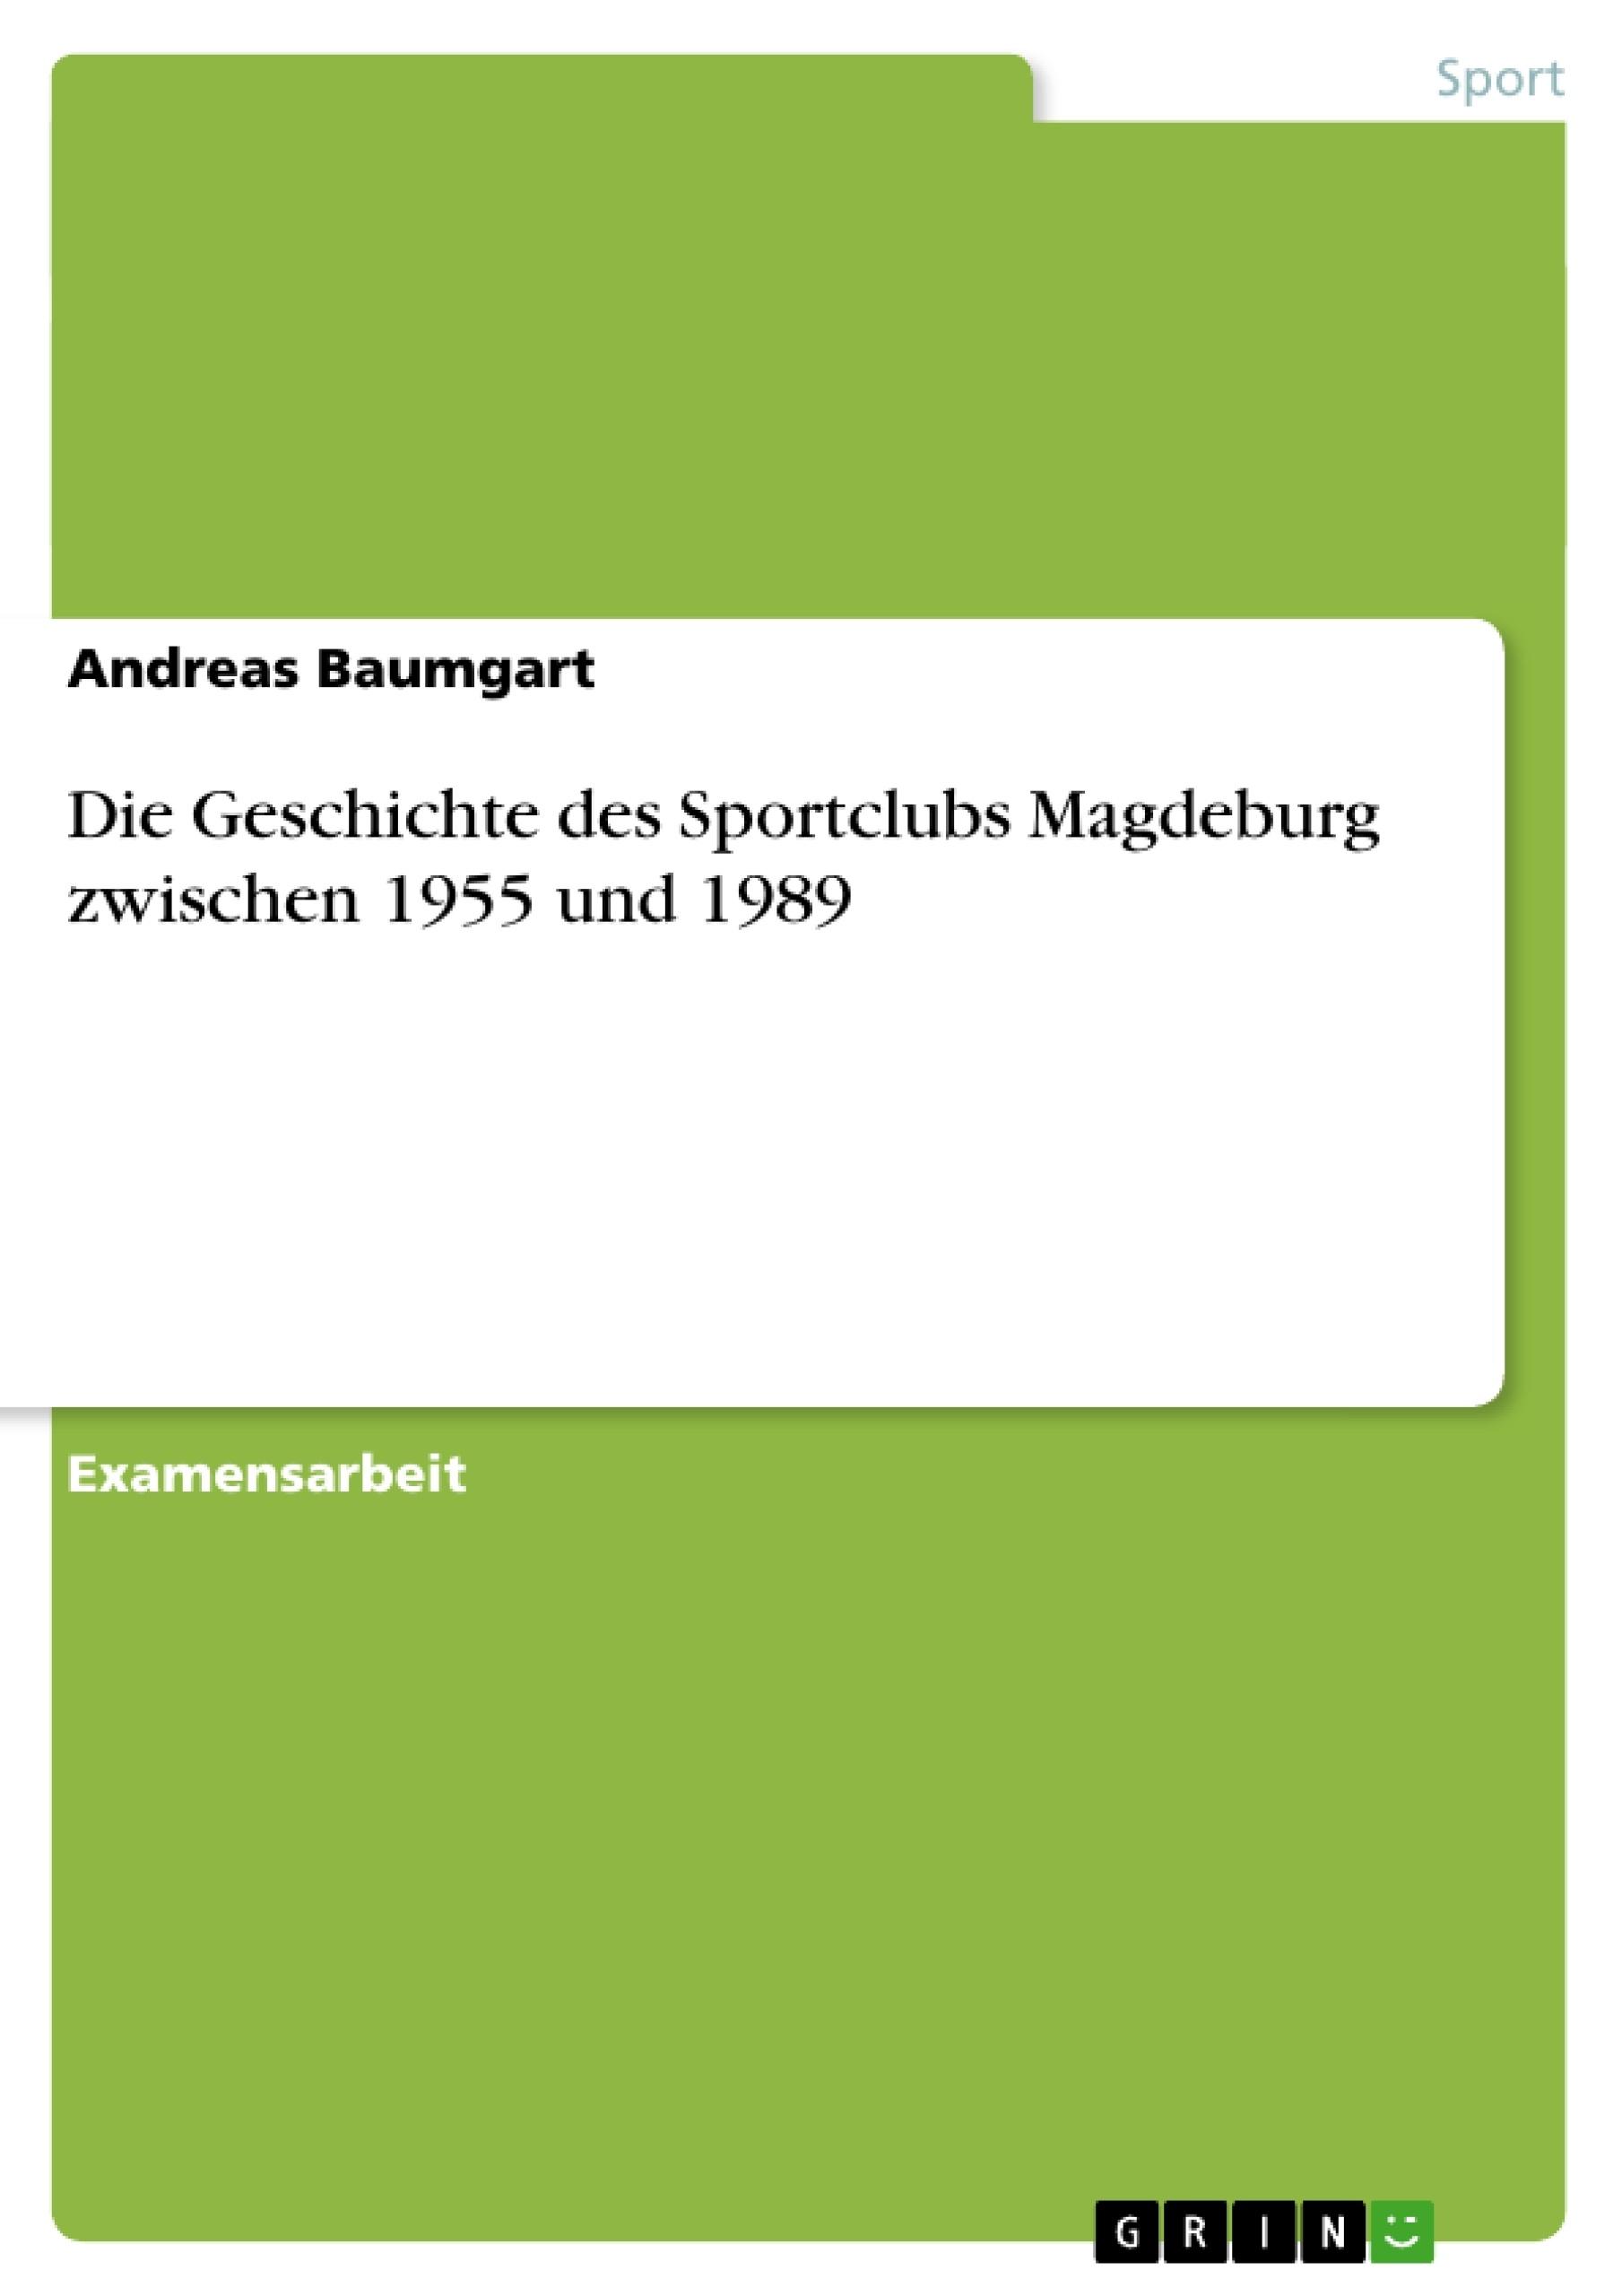 Titel: Die Geschichte des Sportclubs Magdeburg zwischen 1955 und 1989